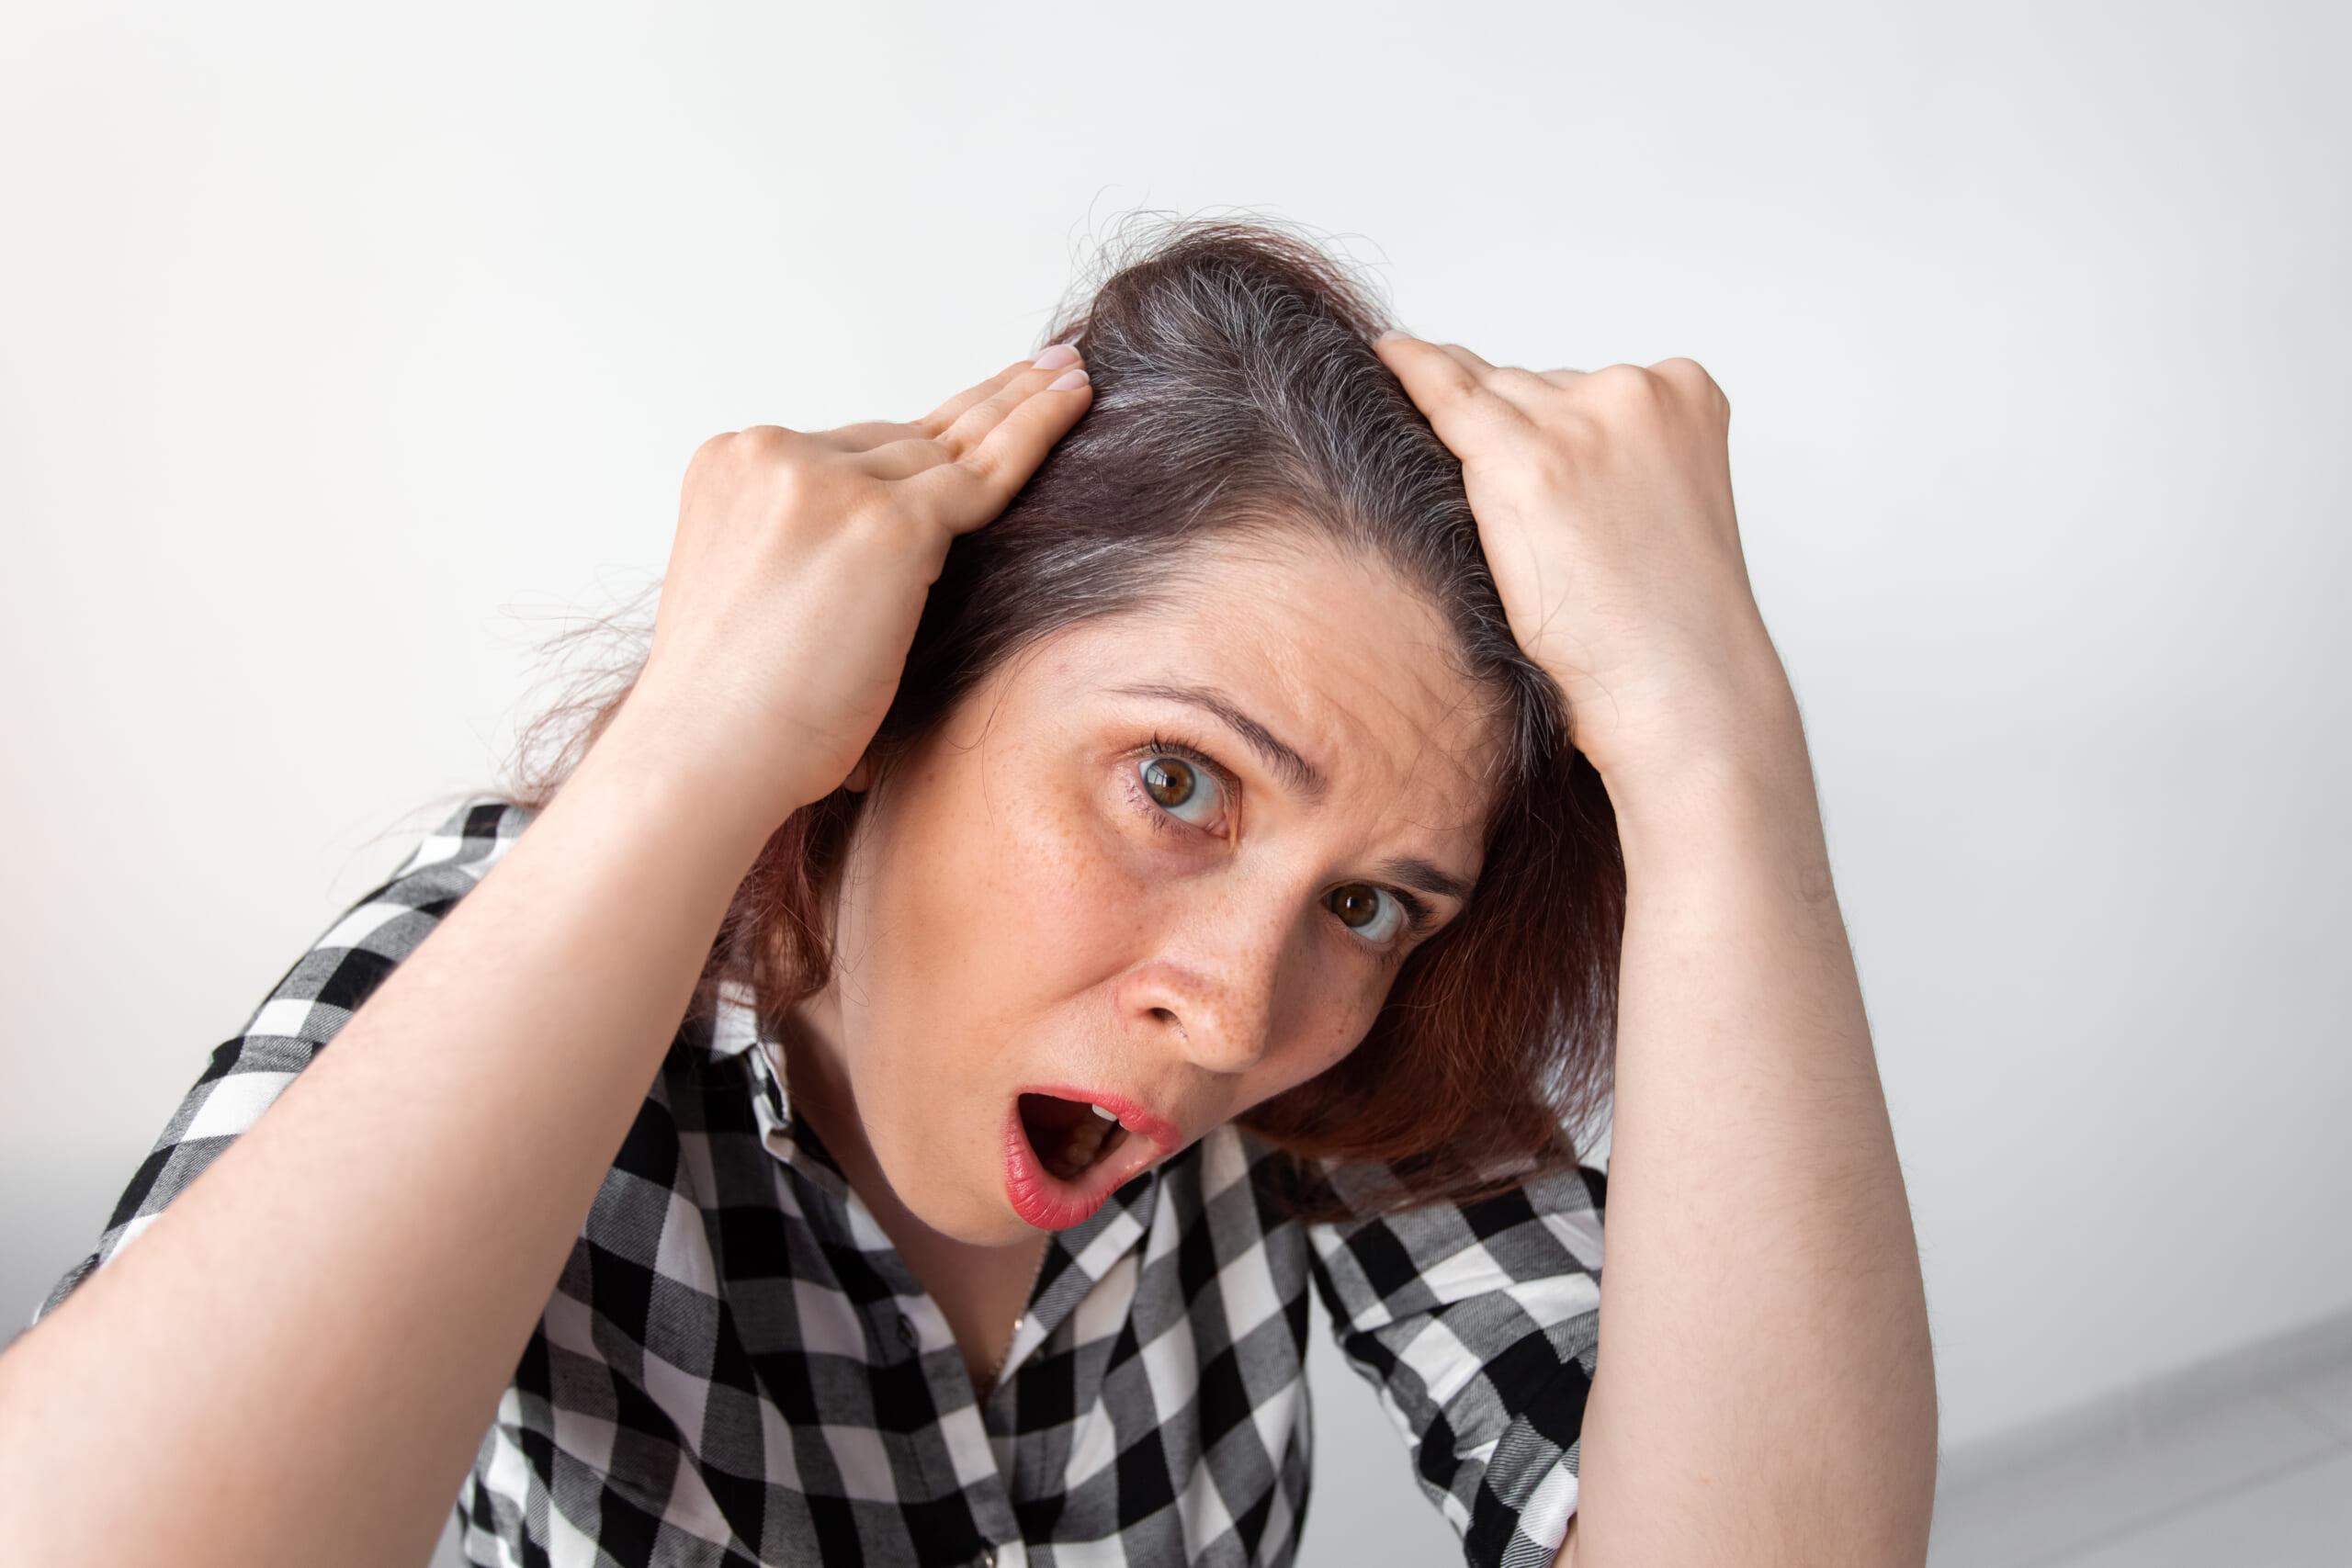 専門家が教える「ジアミンアレルギーでも白髪をきれいにカバーする方法」とは